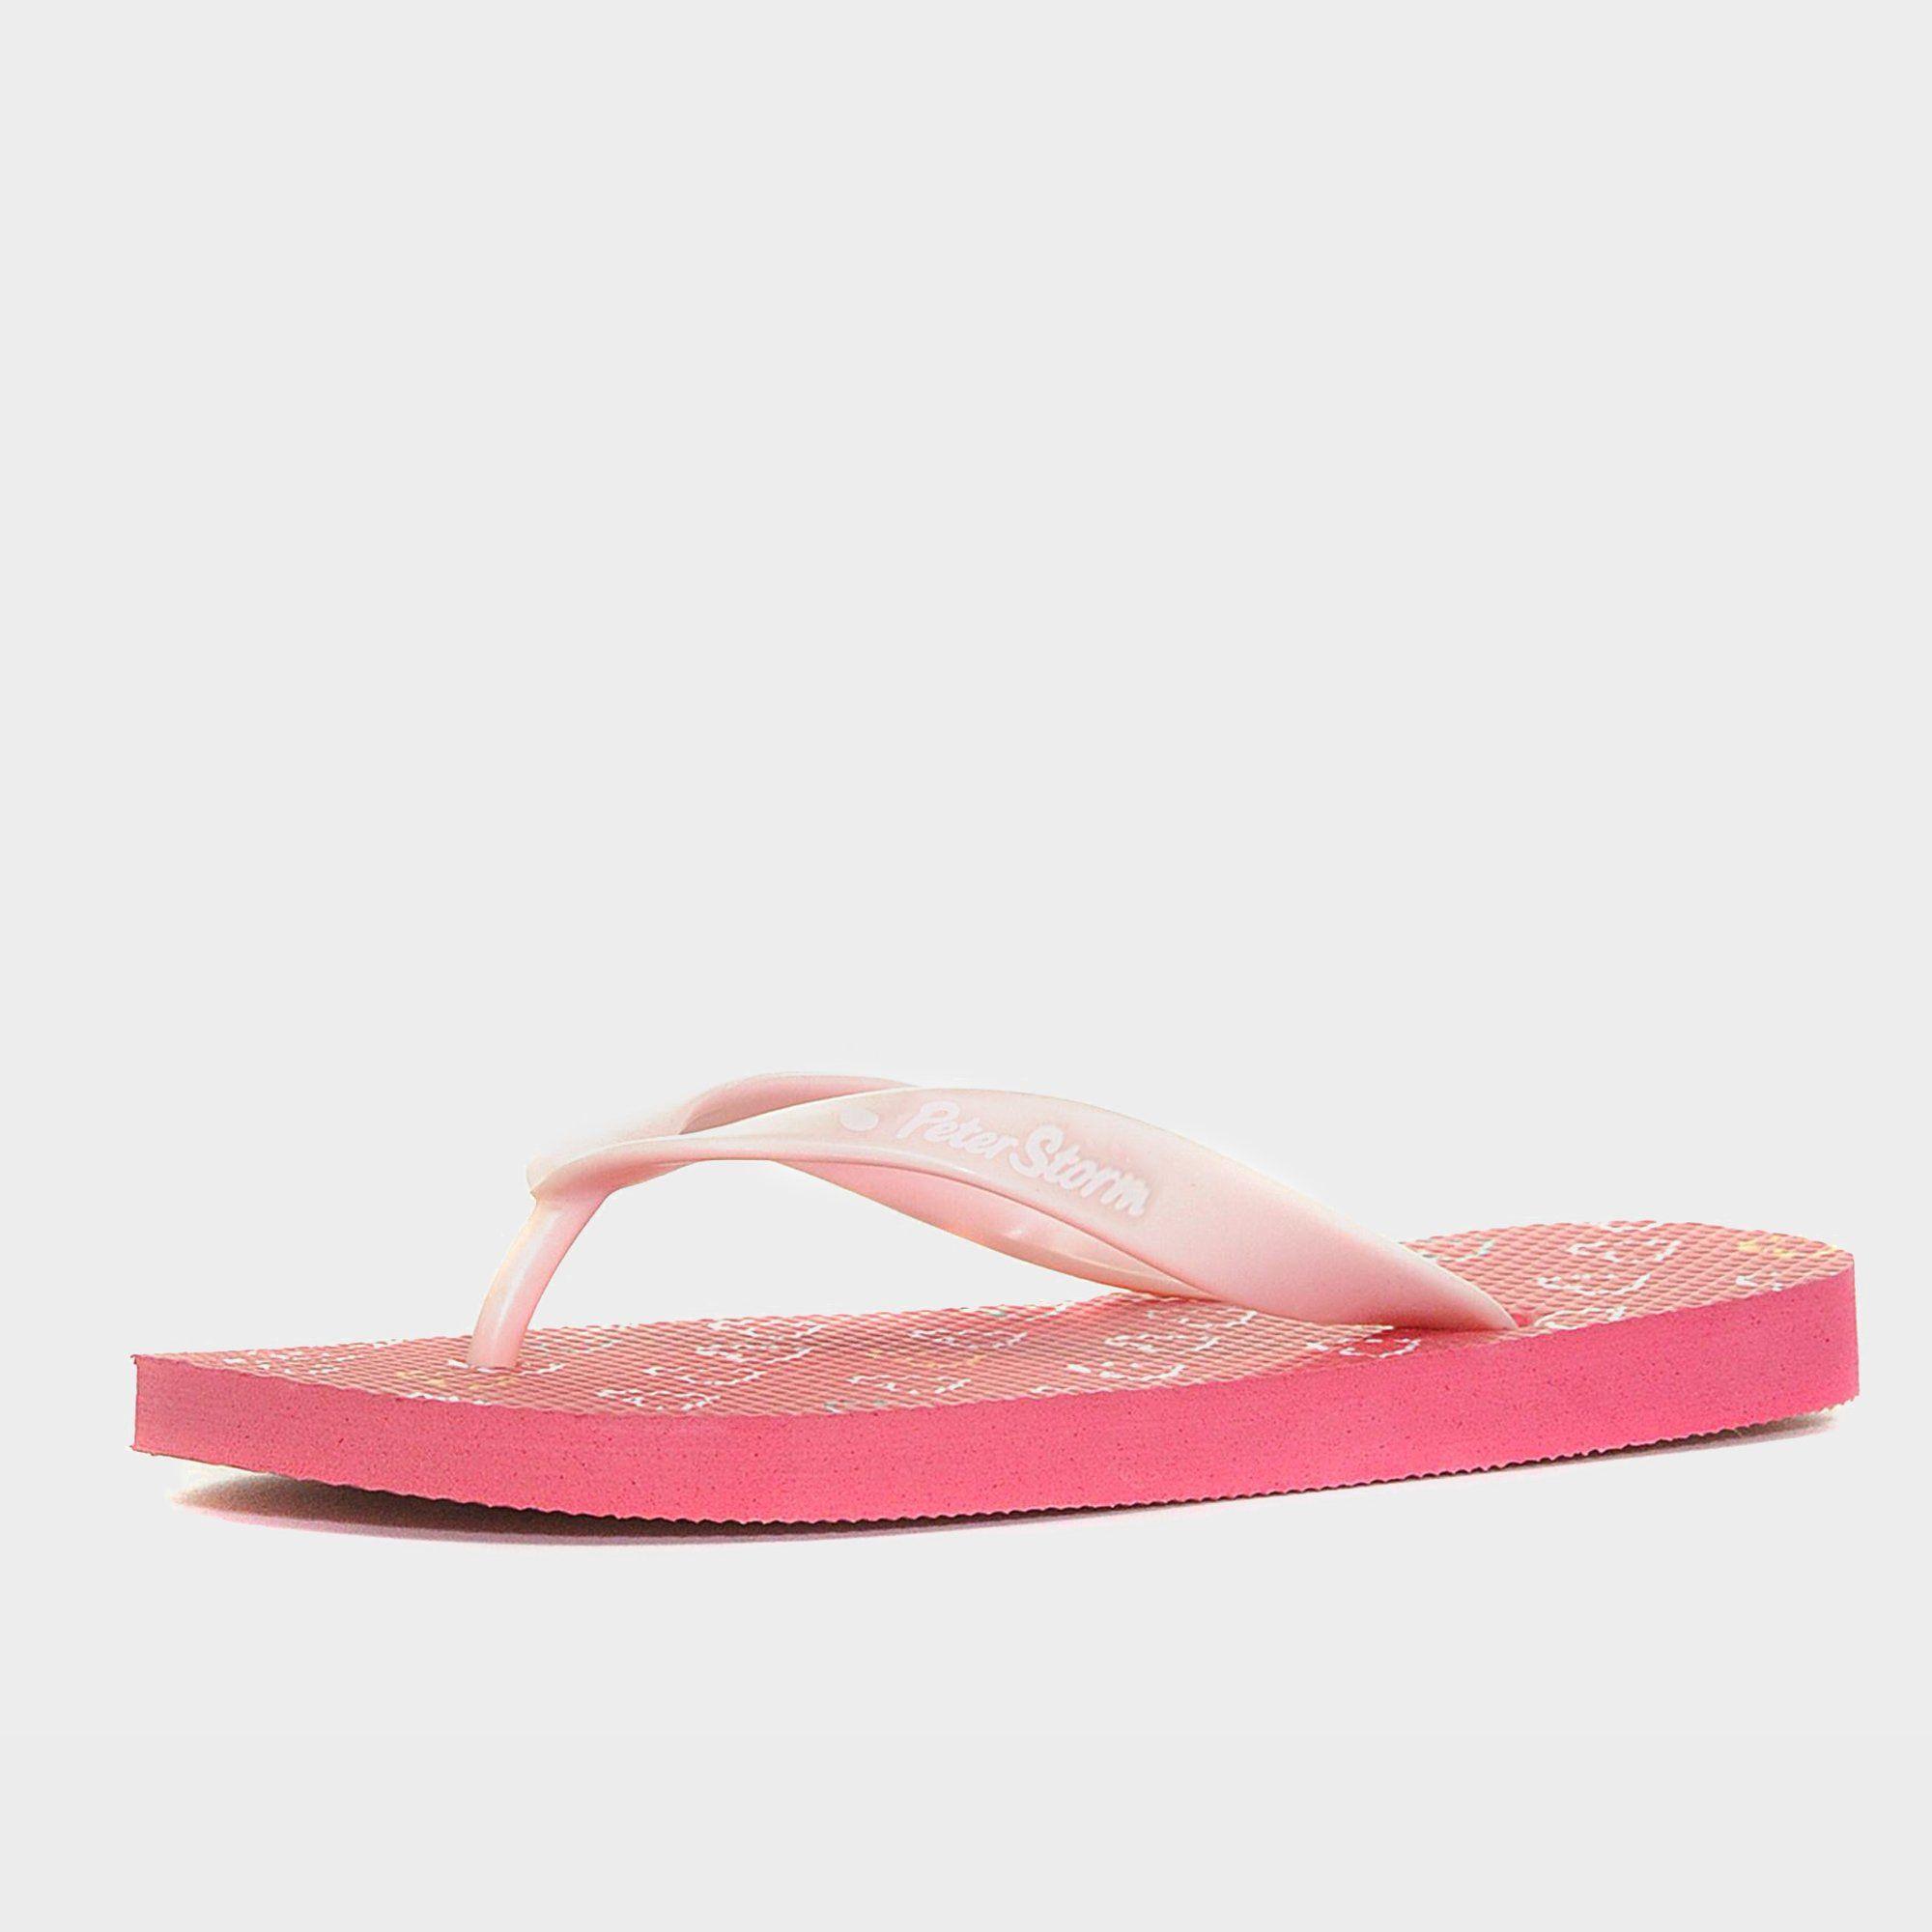 PETER STORM Girls' Love Me Flip Flops